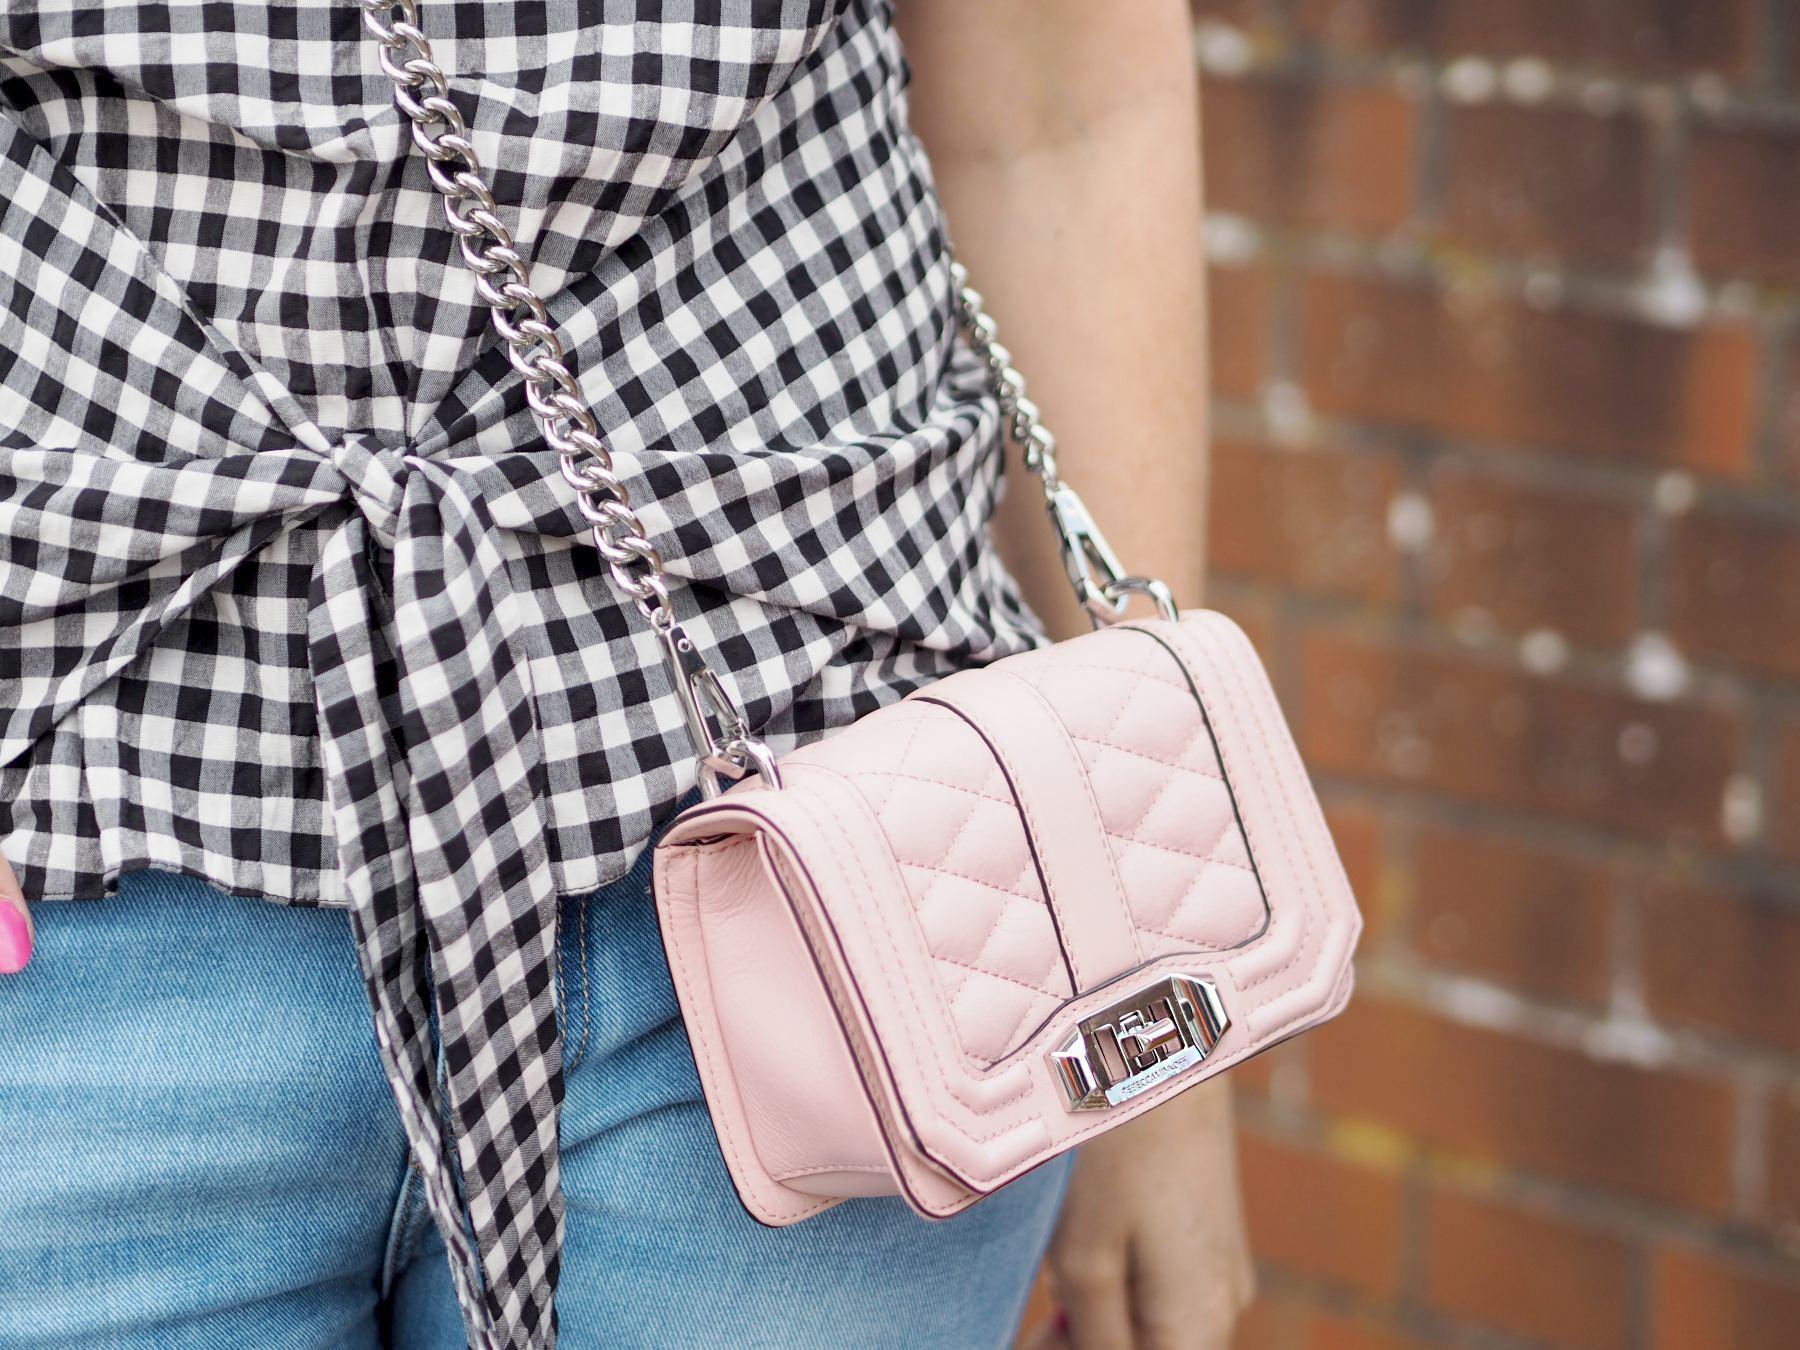 gingham top and pink handbag